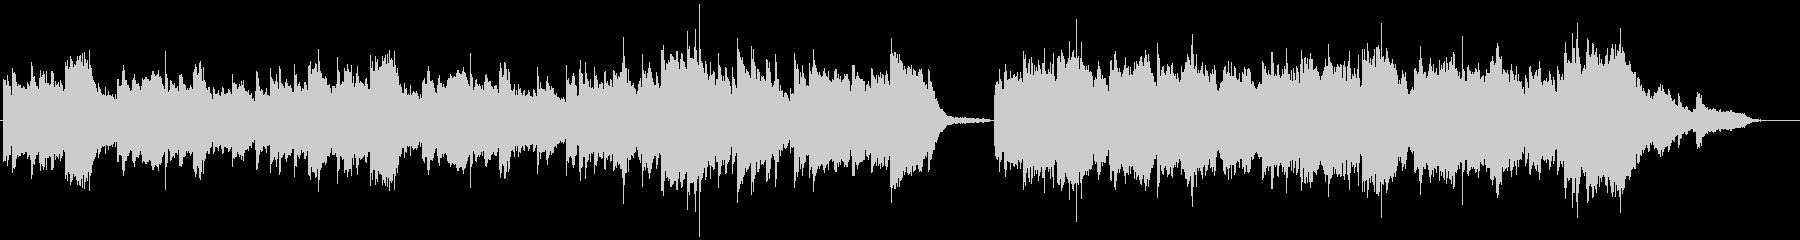 劇的ビフォーアフターのパロディ曲の未再生の波形